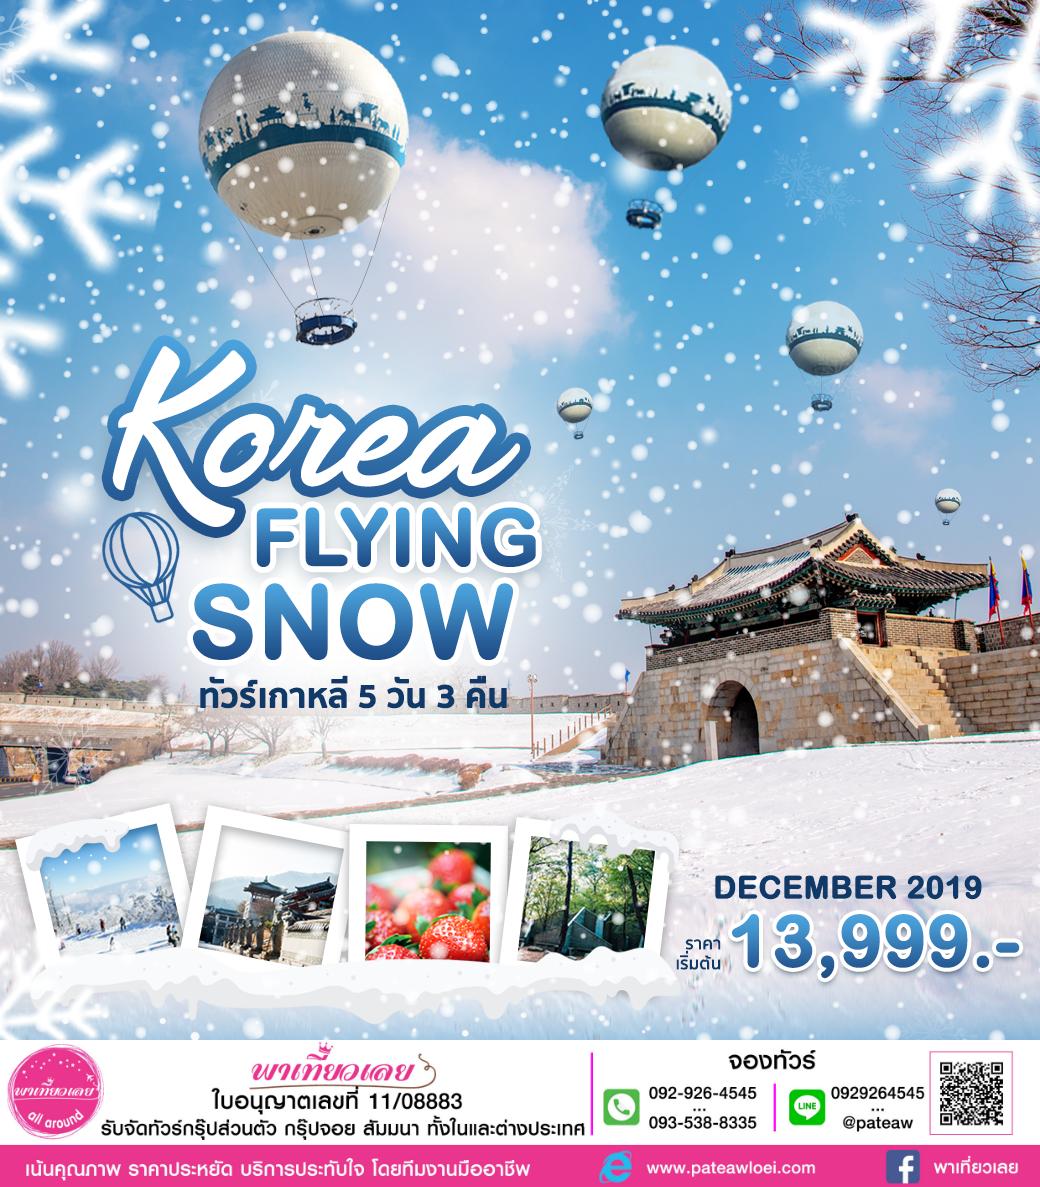 เกาหลี KOREA FLYING SNOW 5วัน 3คืน